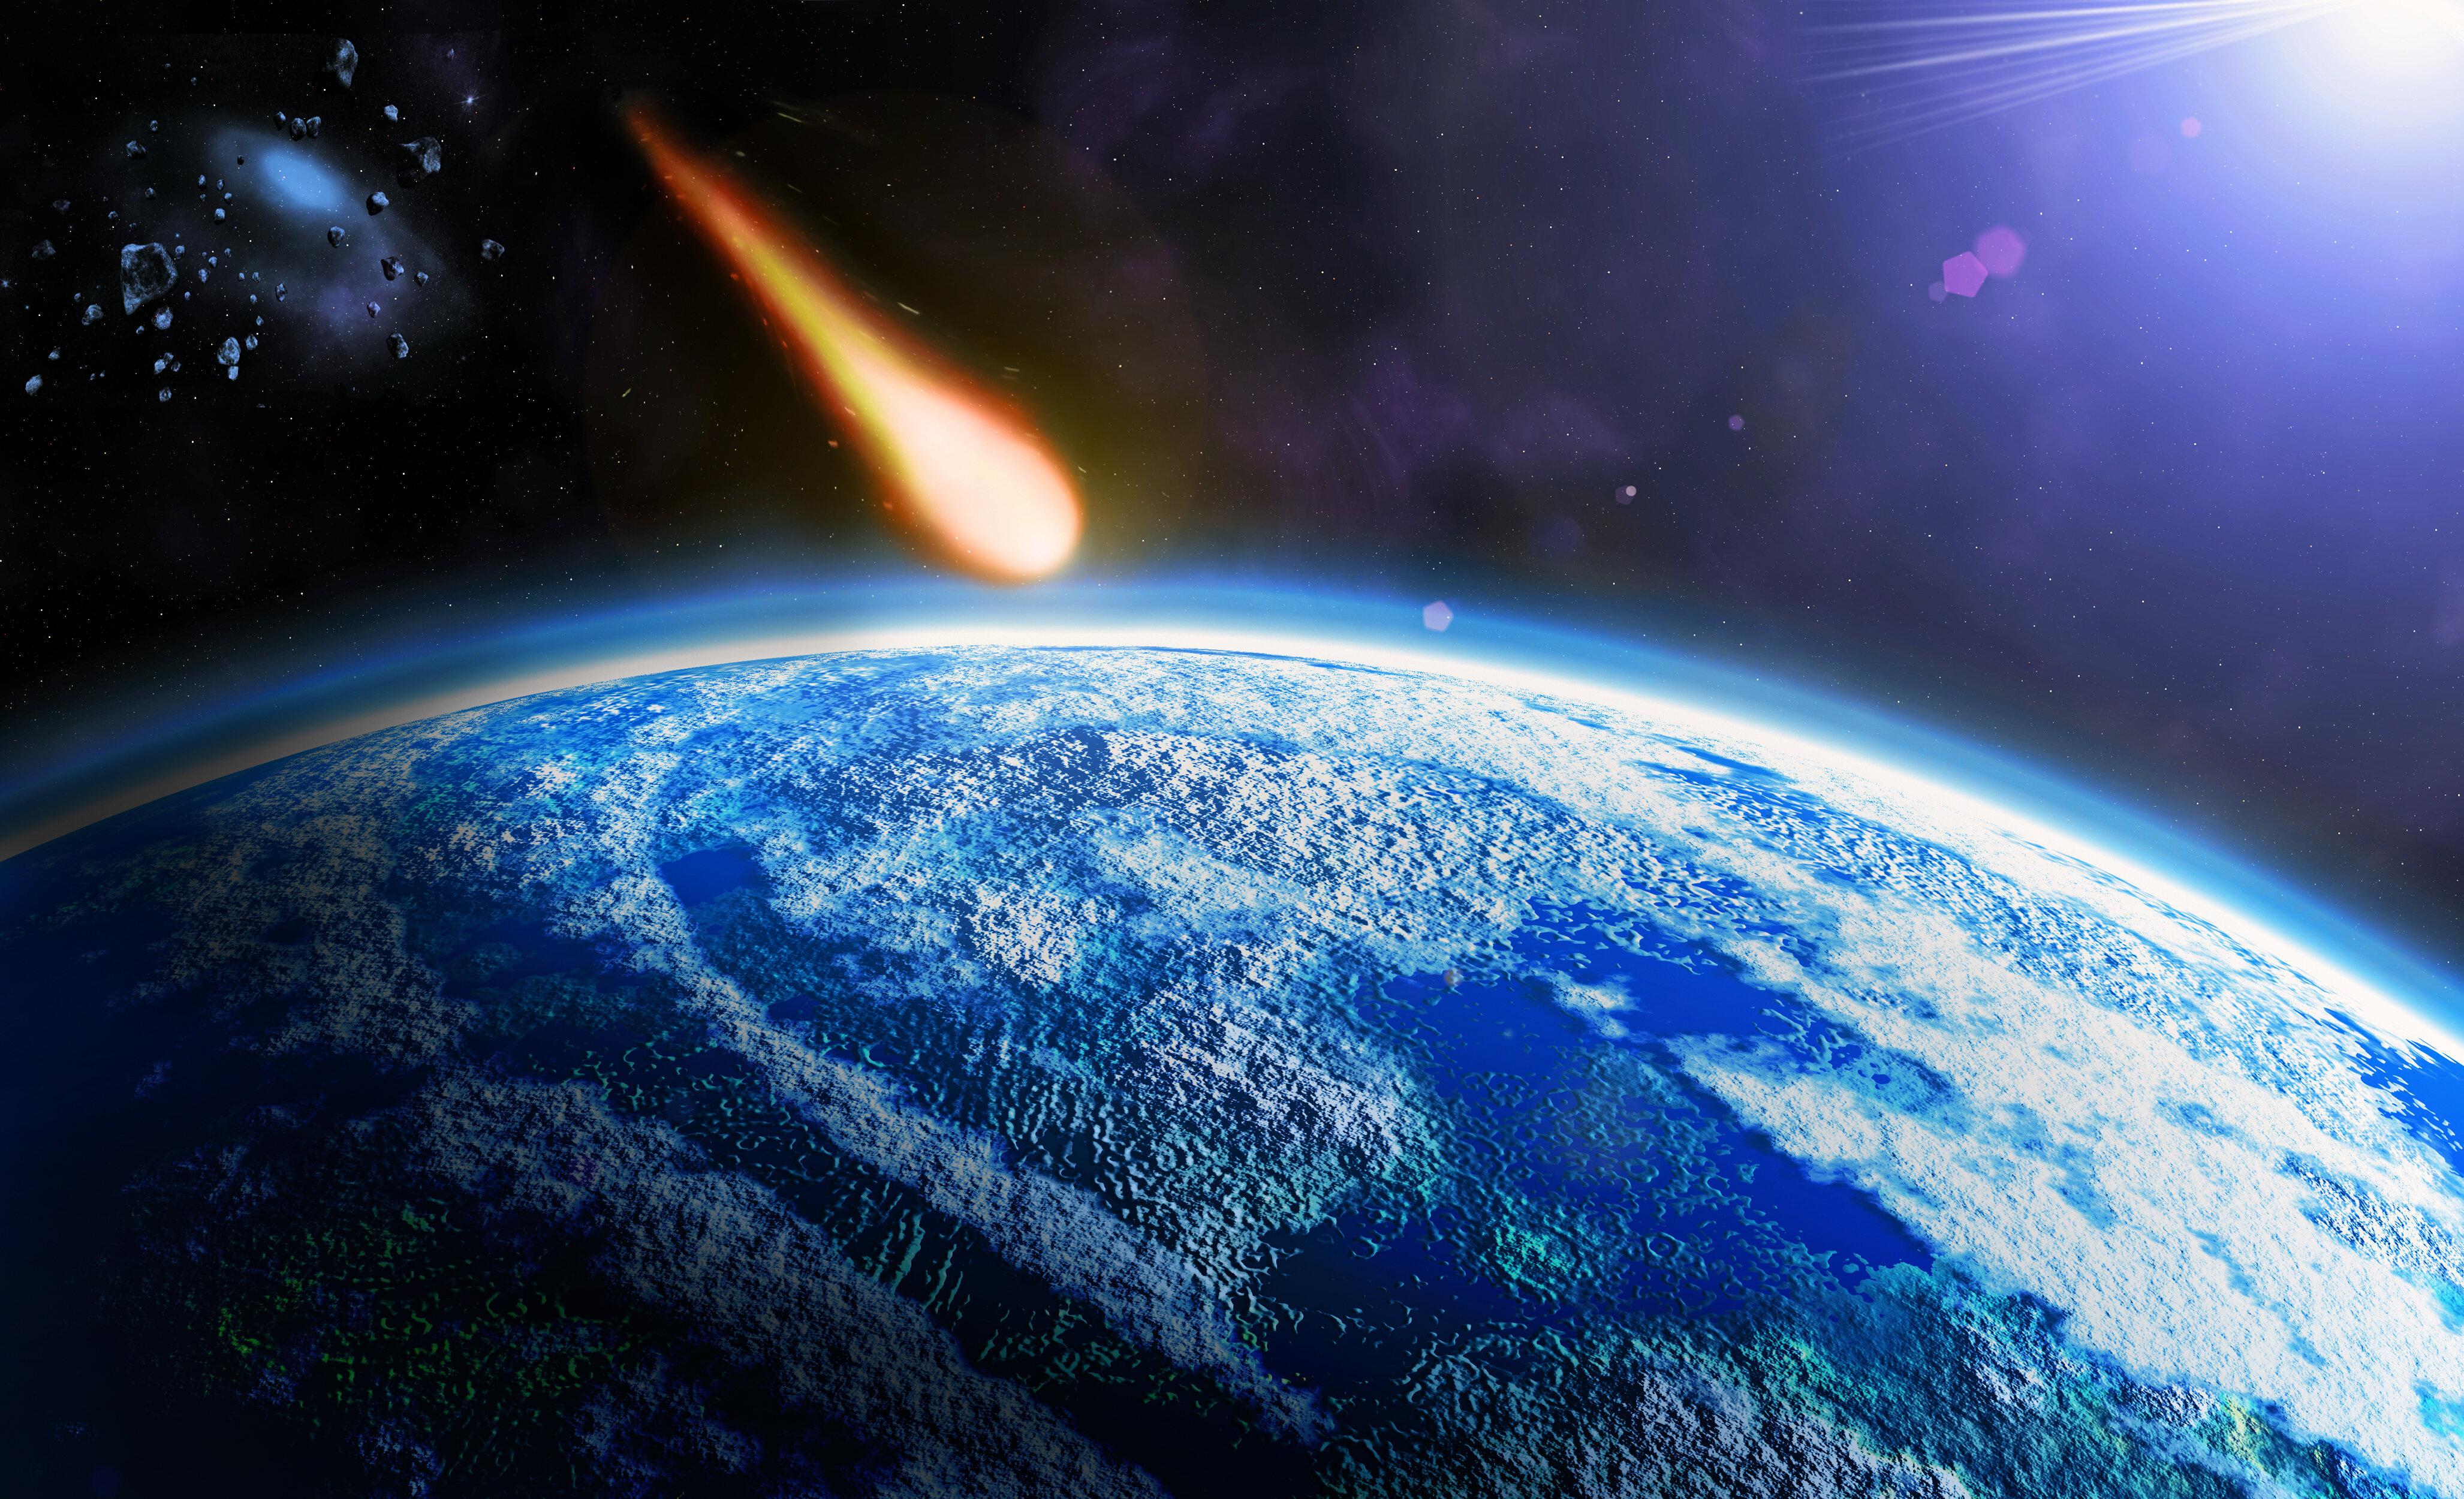 Τεράστιος αστεροειδής θα περάσει σε κοντινή απόσταση από τη Γη το